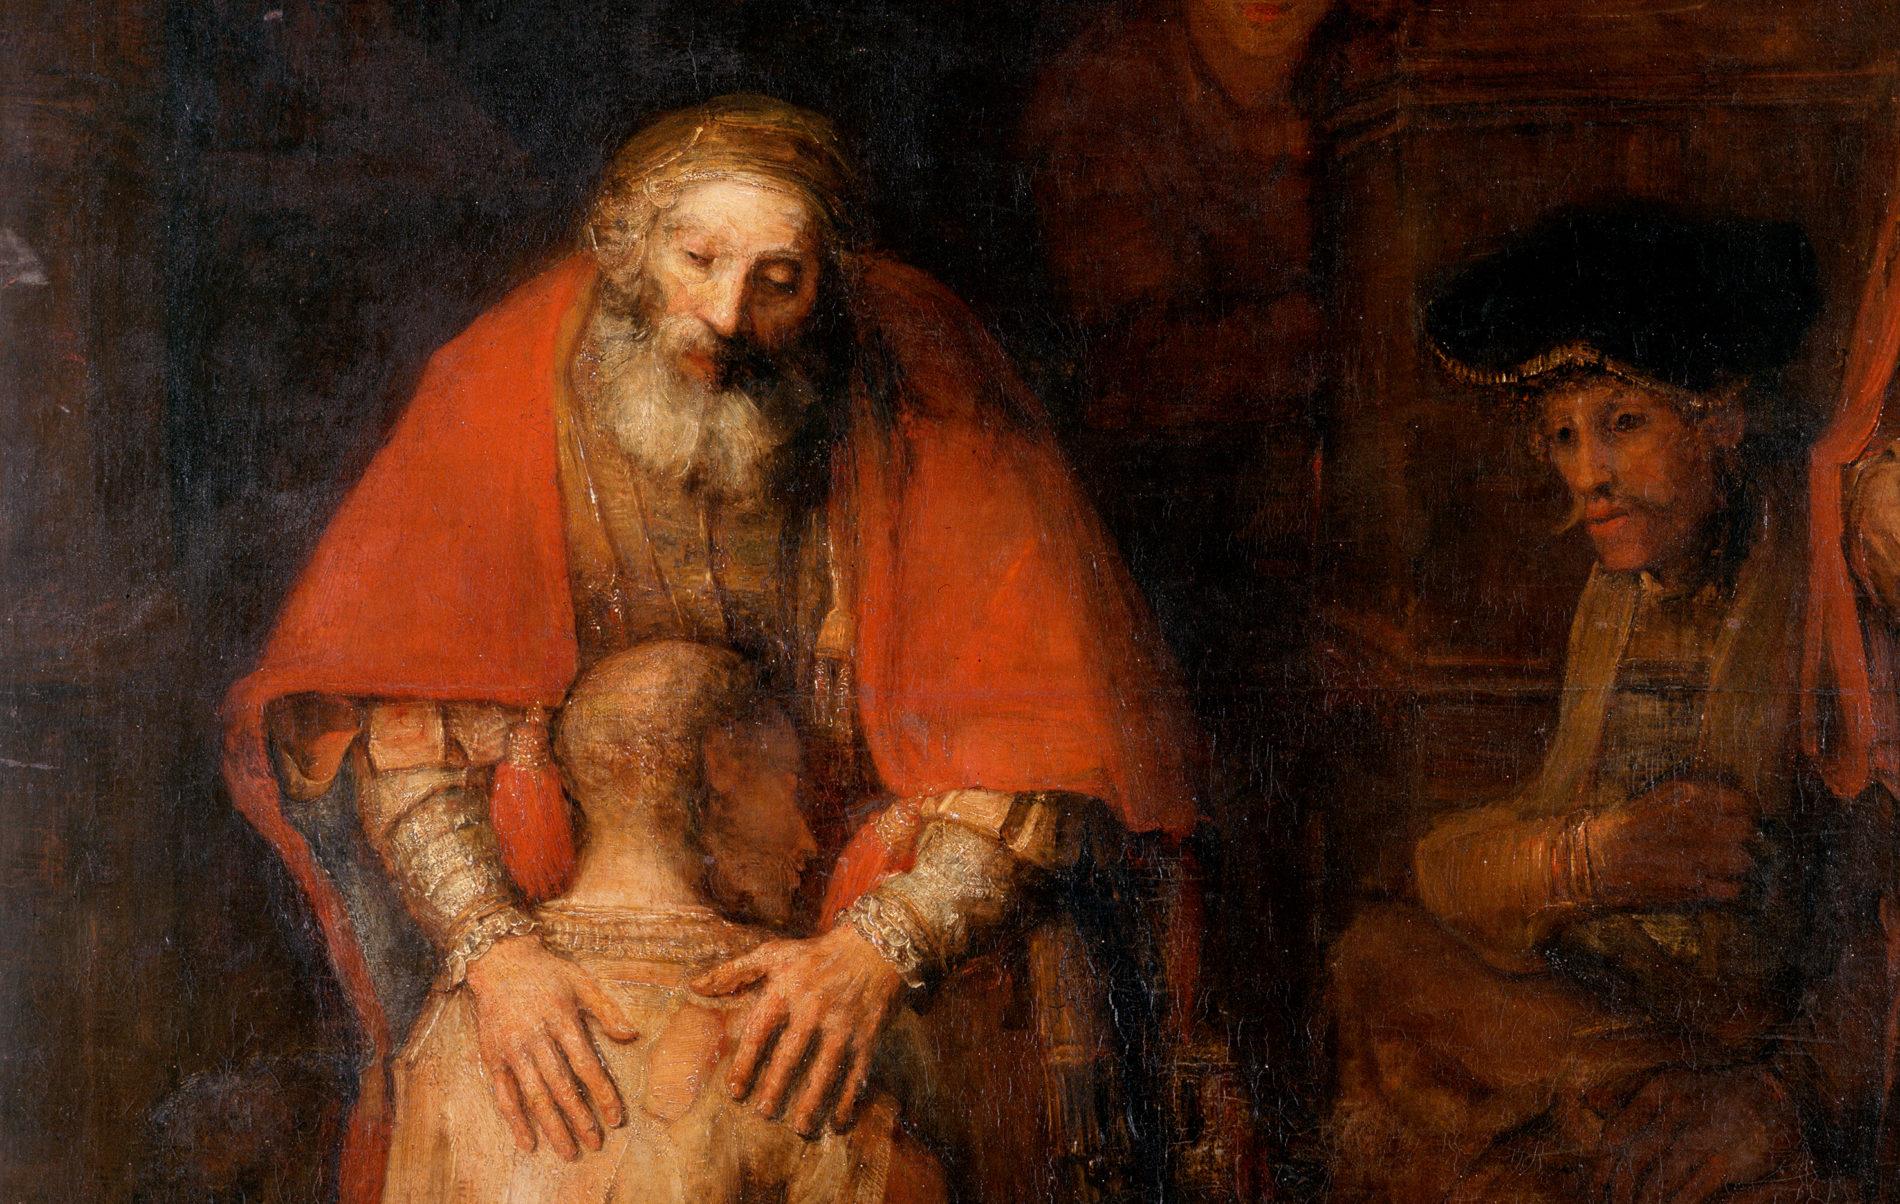 親子の絆と再会の喜びを描く レンブラント「放蕩息子の帰還」